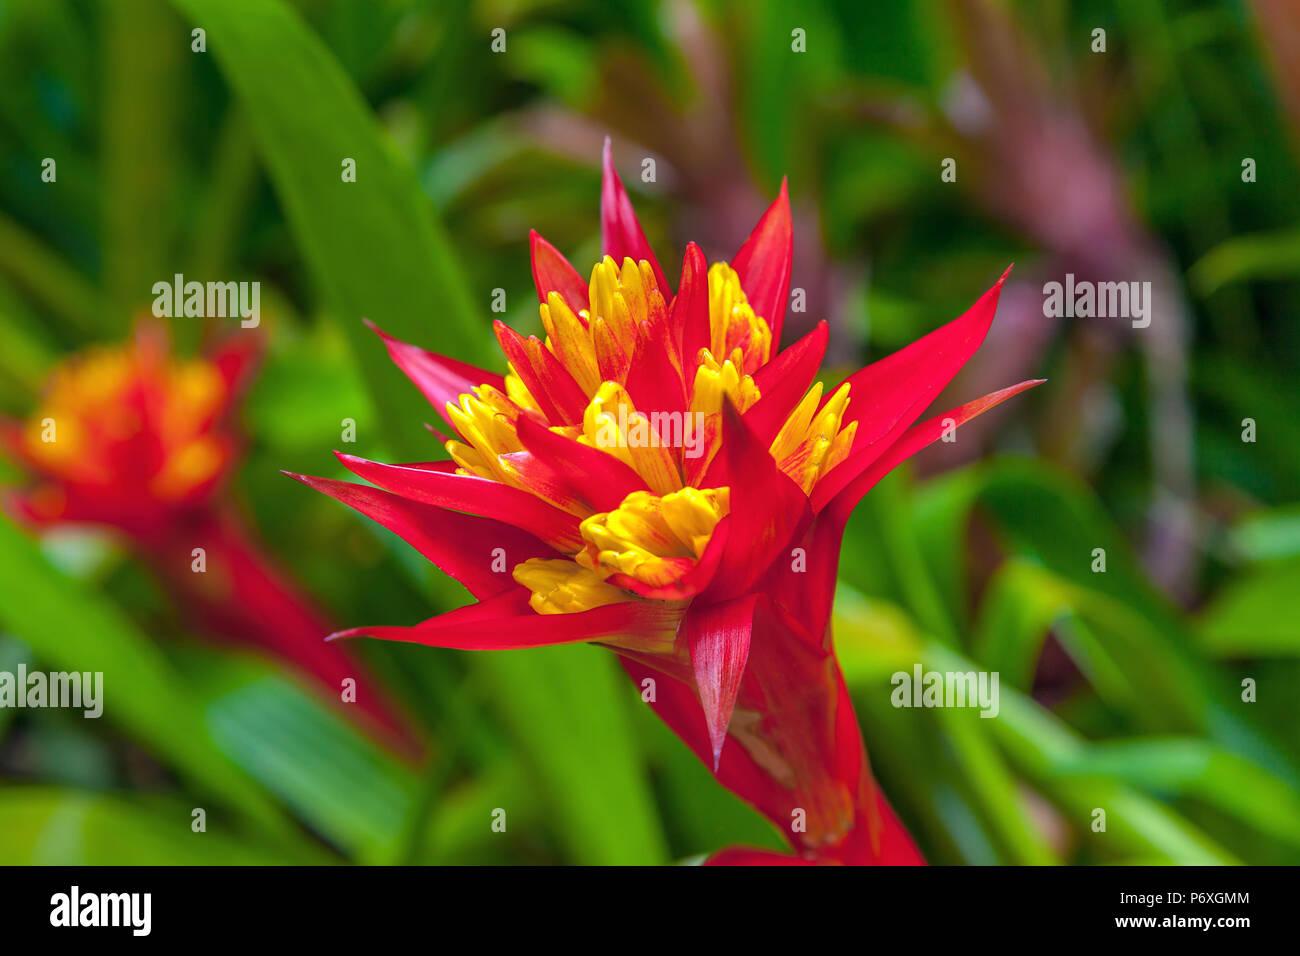 Fiori Esotici.Rosso Di Fiori Esotici Foto Immagine Stock 210796228 Alamy